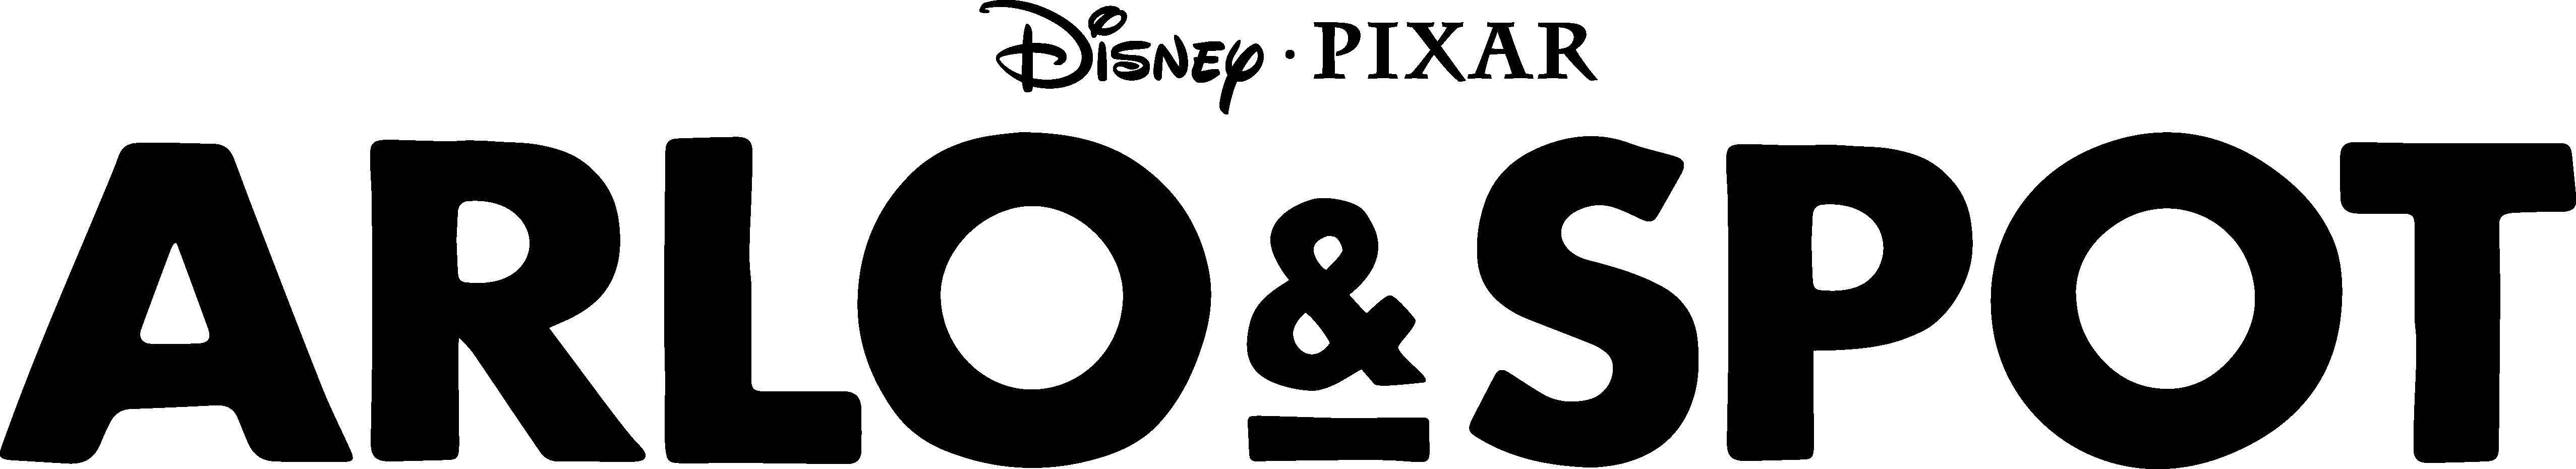 TGD_GER_TT_1LN_V04F(1)